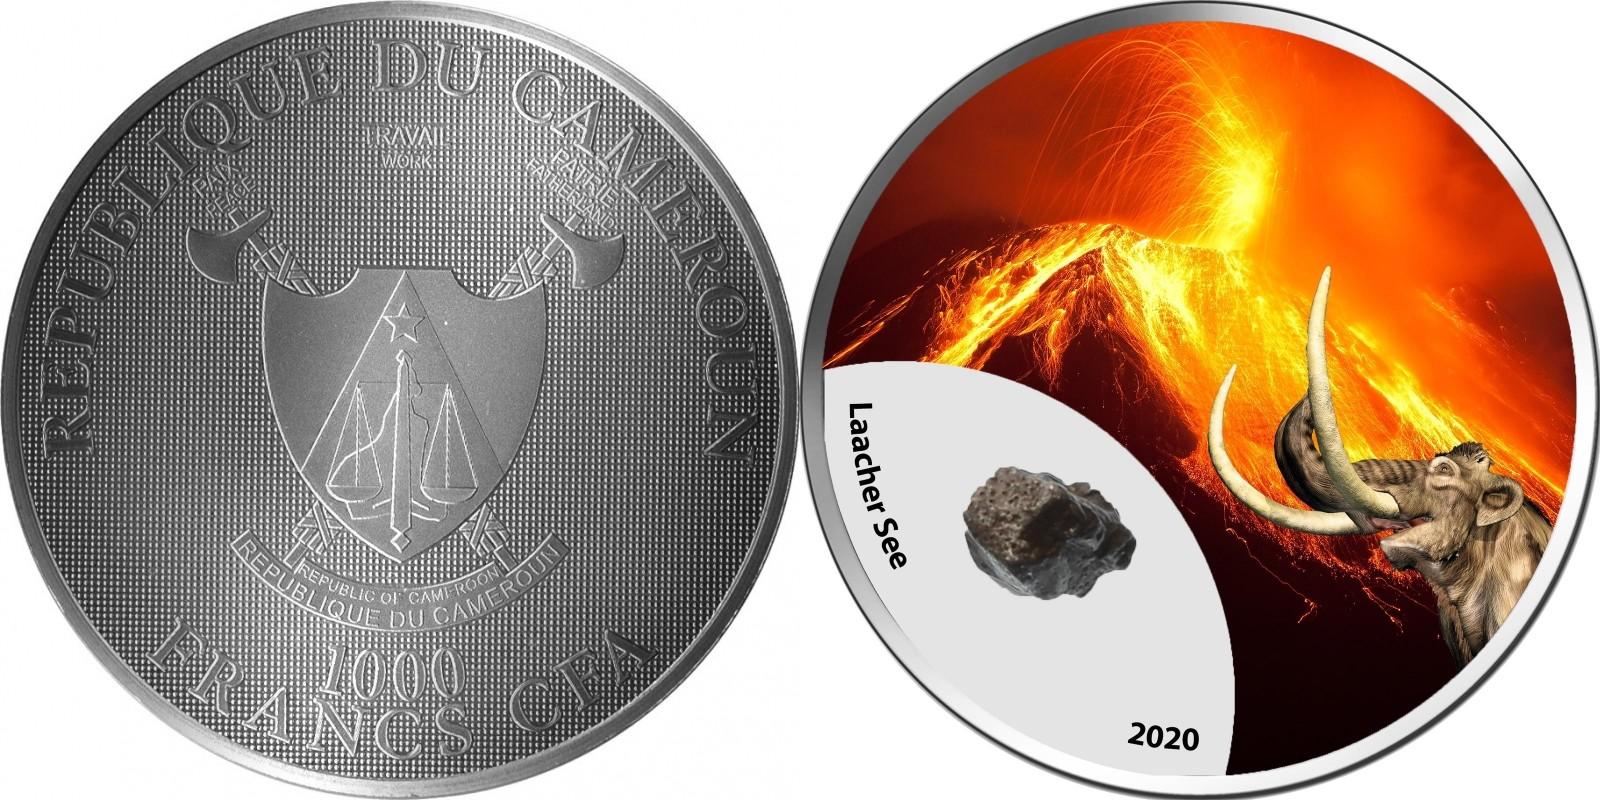 cameroun-2020-volcans-laacher-see